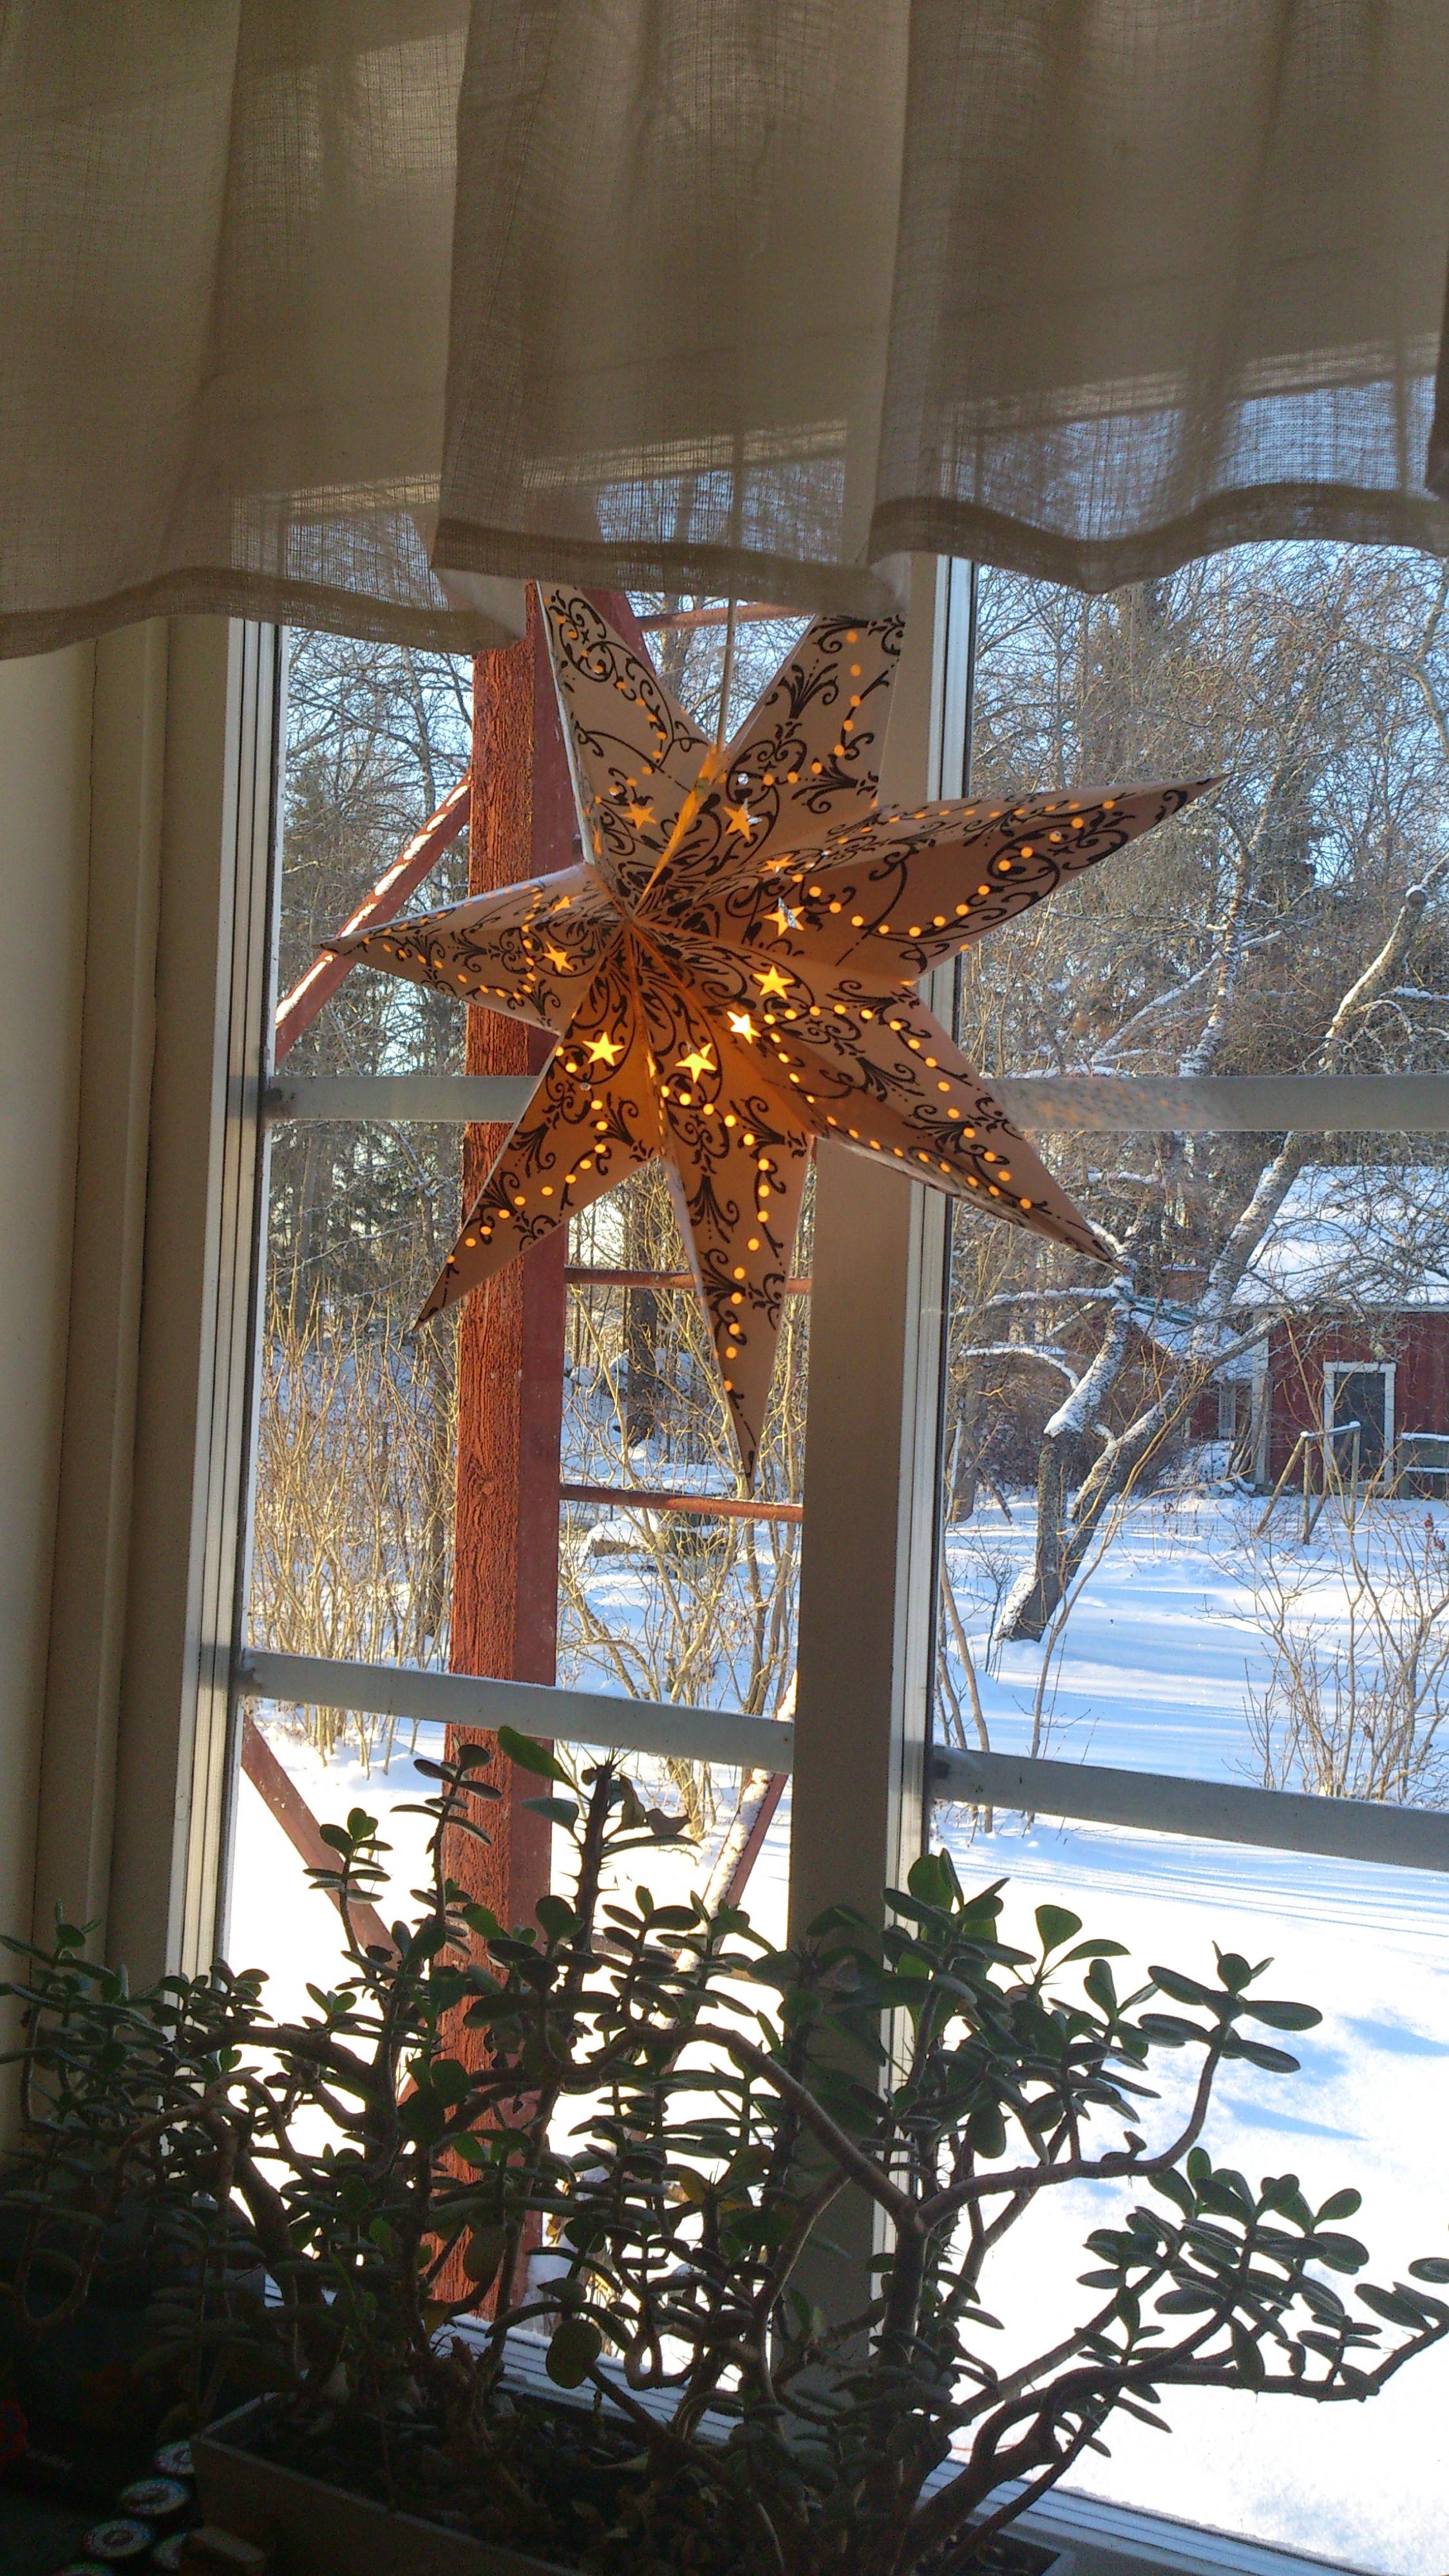 En adventsstjärna i ett fönster. Ute är det snö.